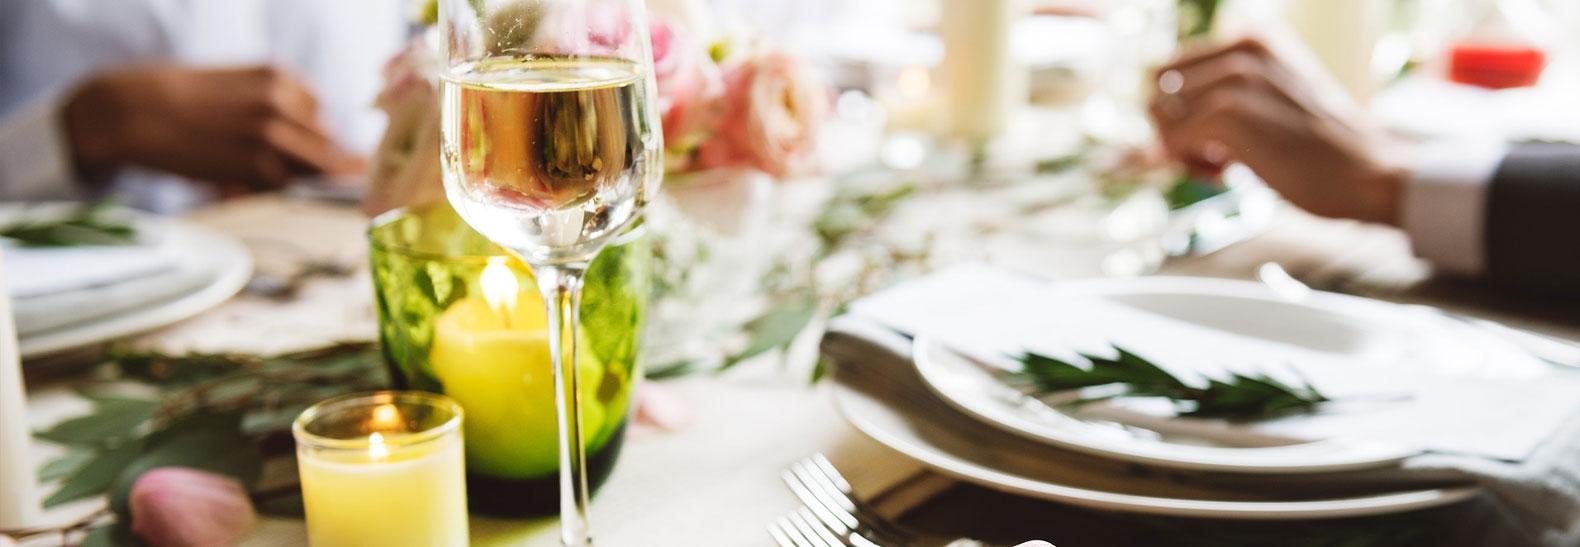 come disporre i tavoli al proprio matrimonio